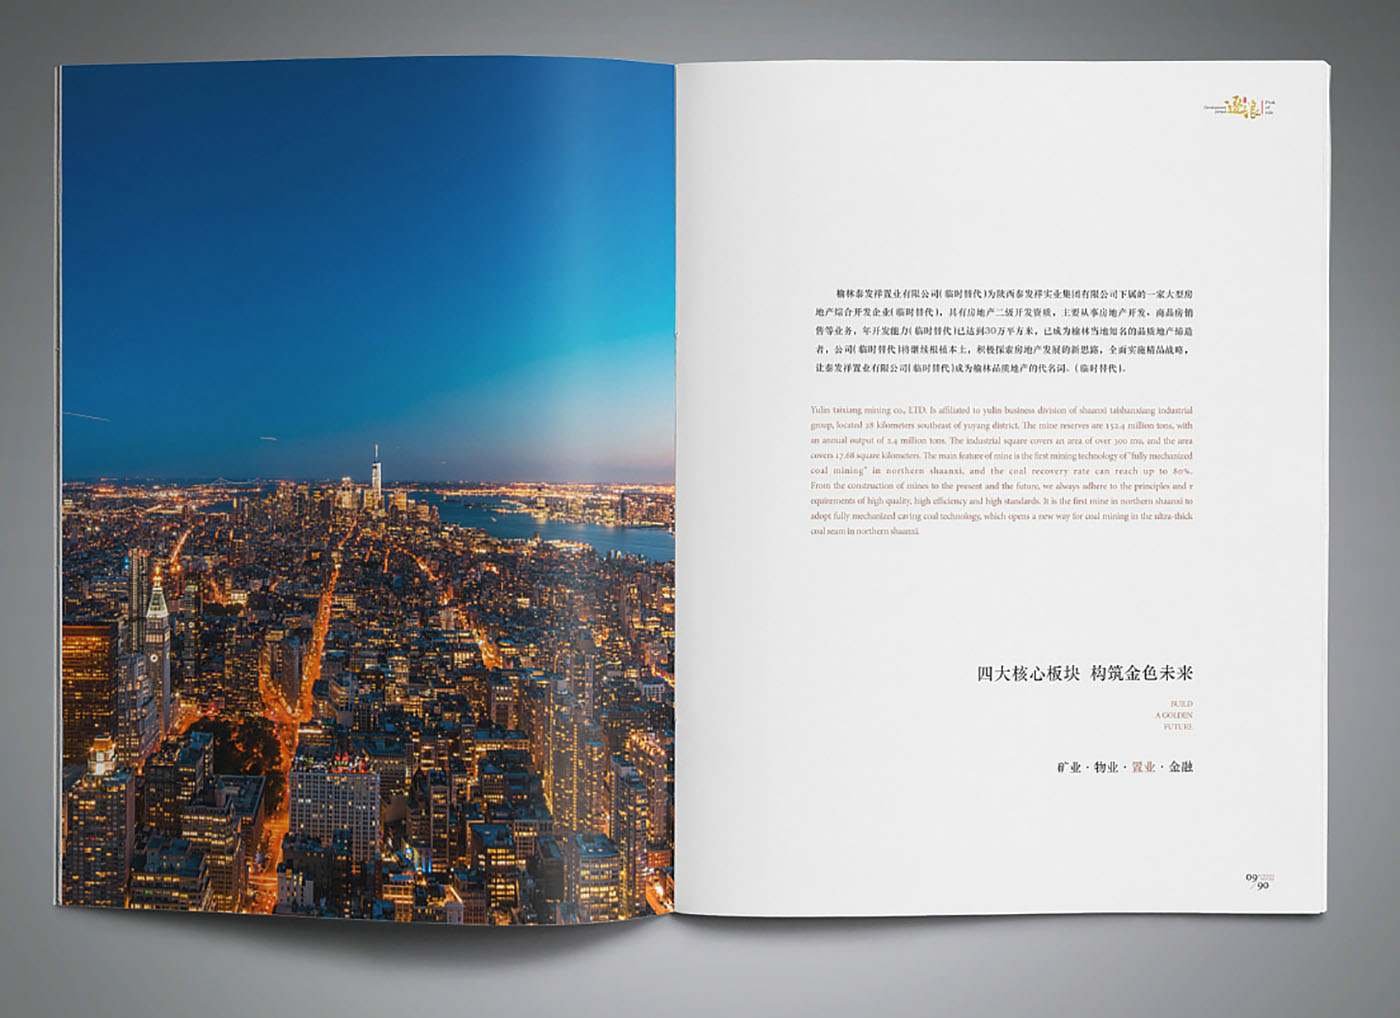 企业35周年纪念册设计-高端企业纪念册设计公司